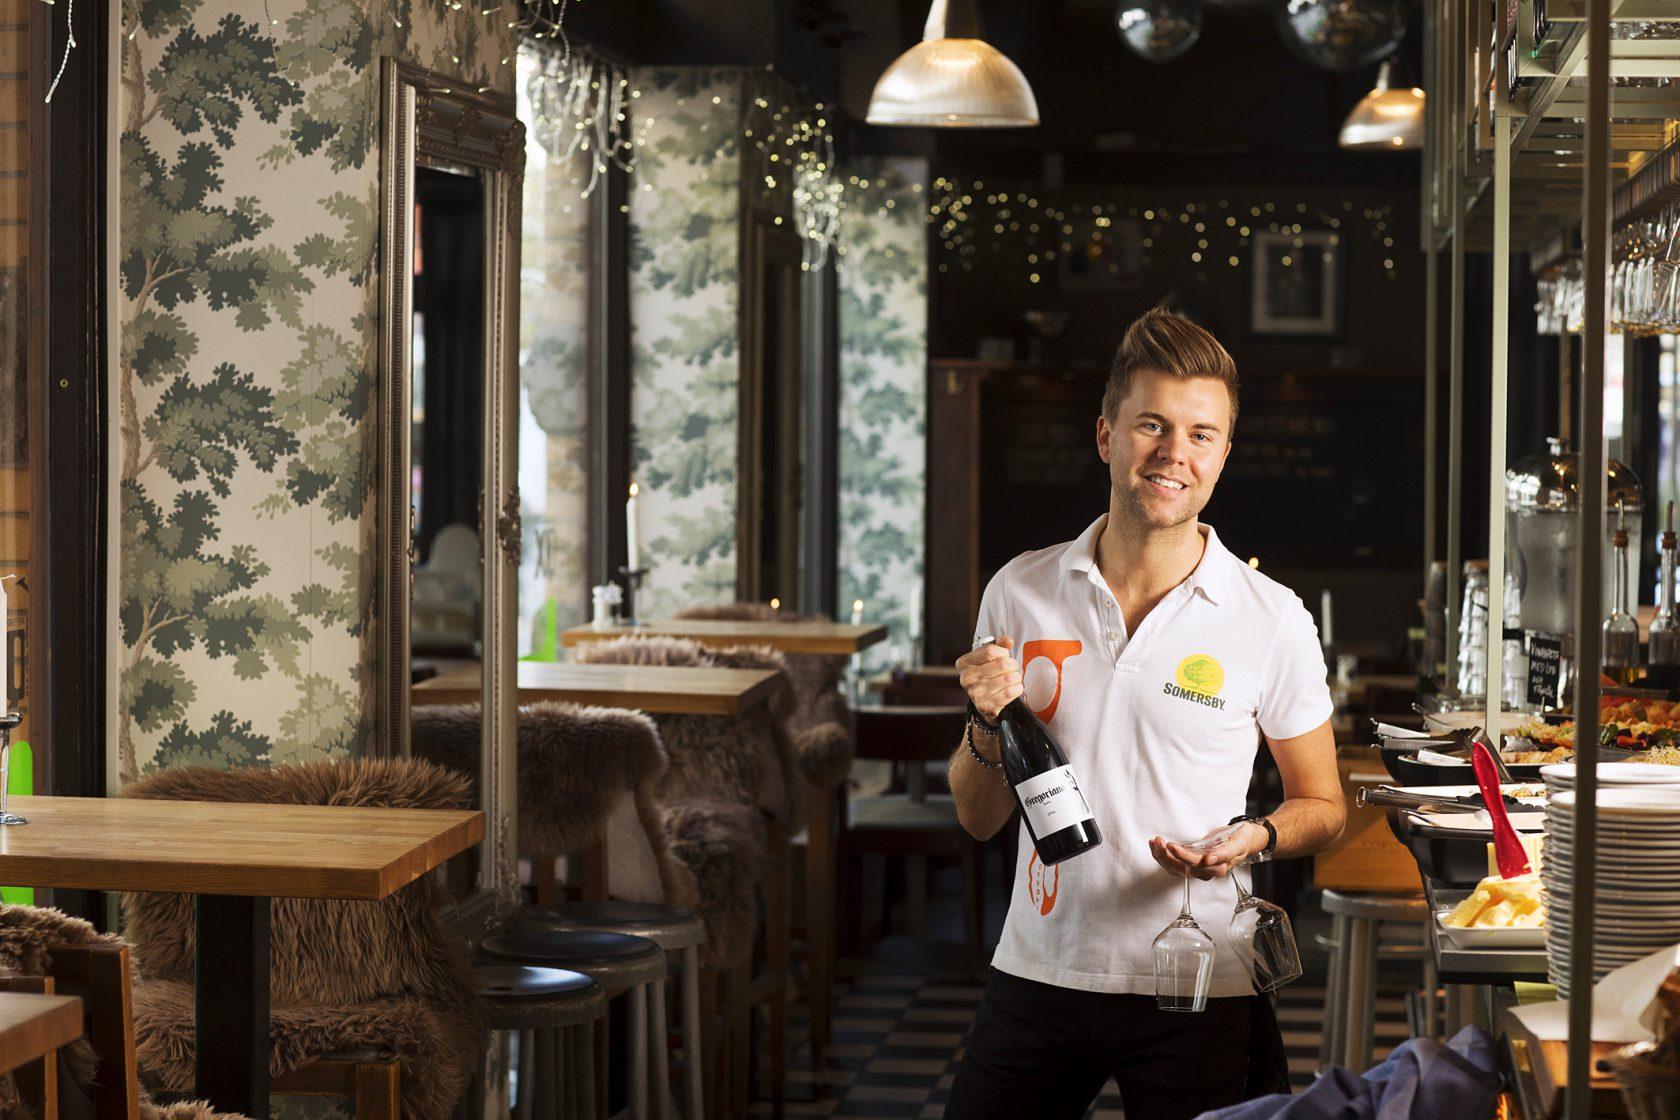 En man står i en restaurang och håller i en vinflaska och ett glas.